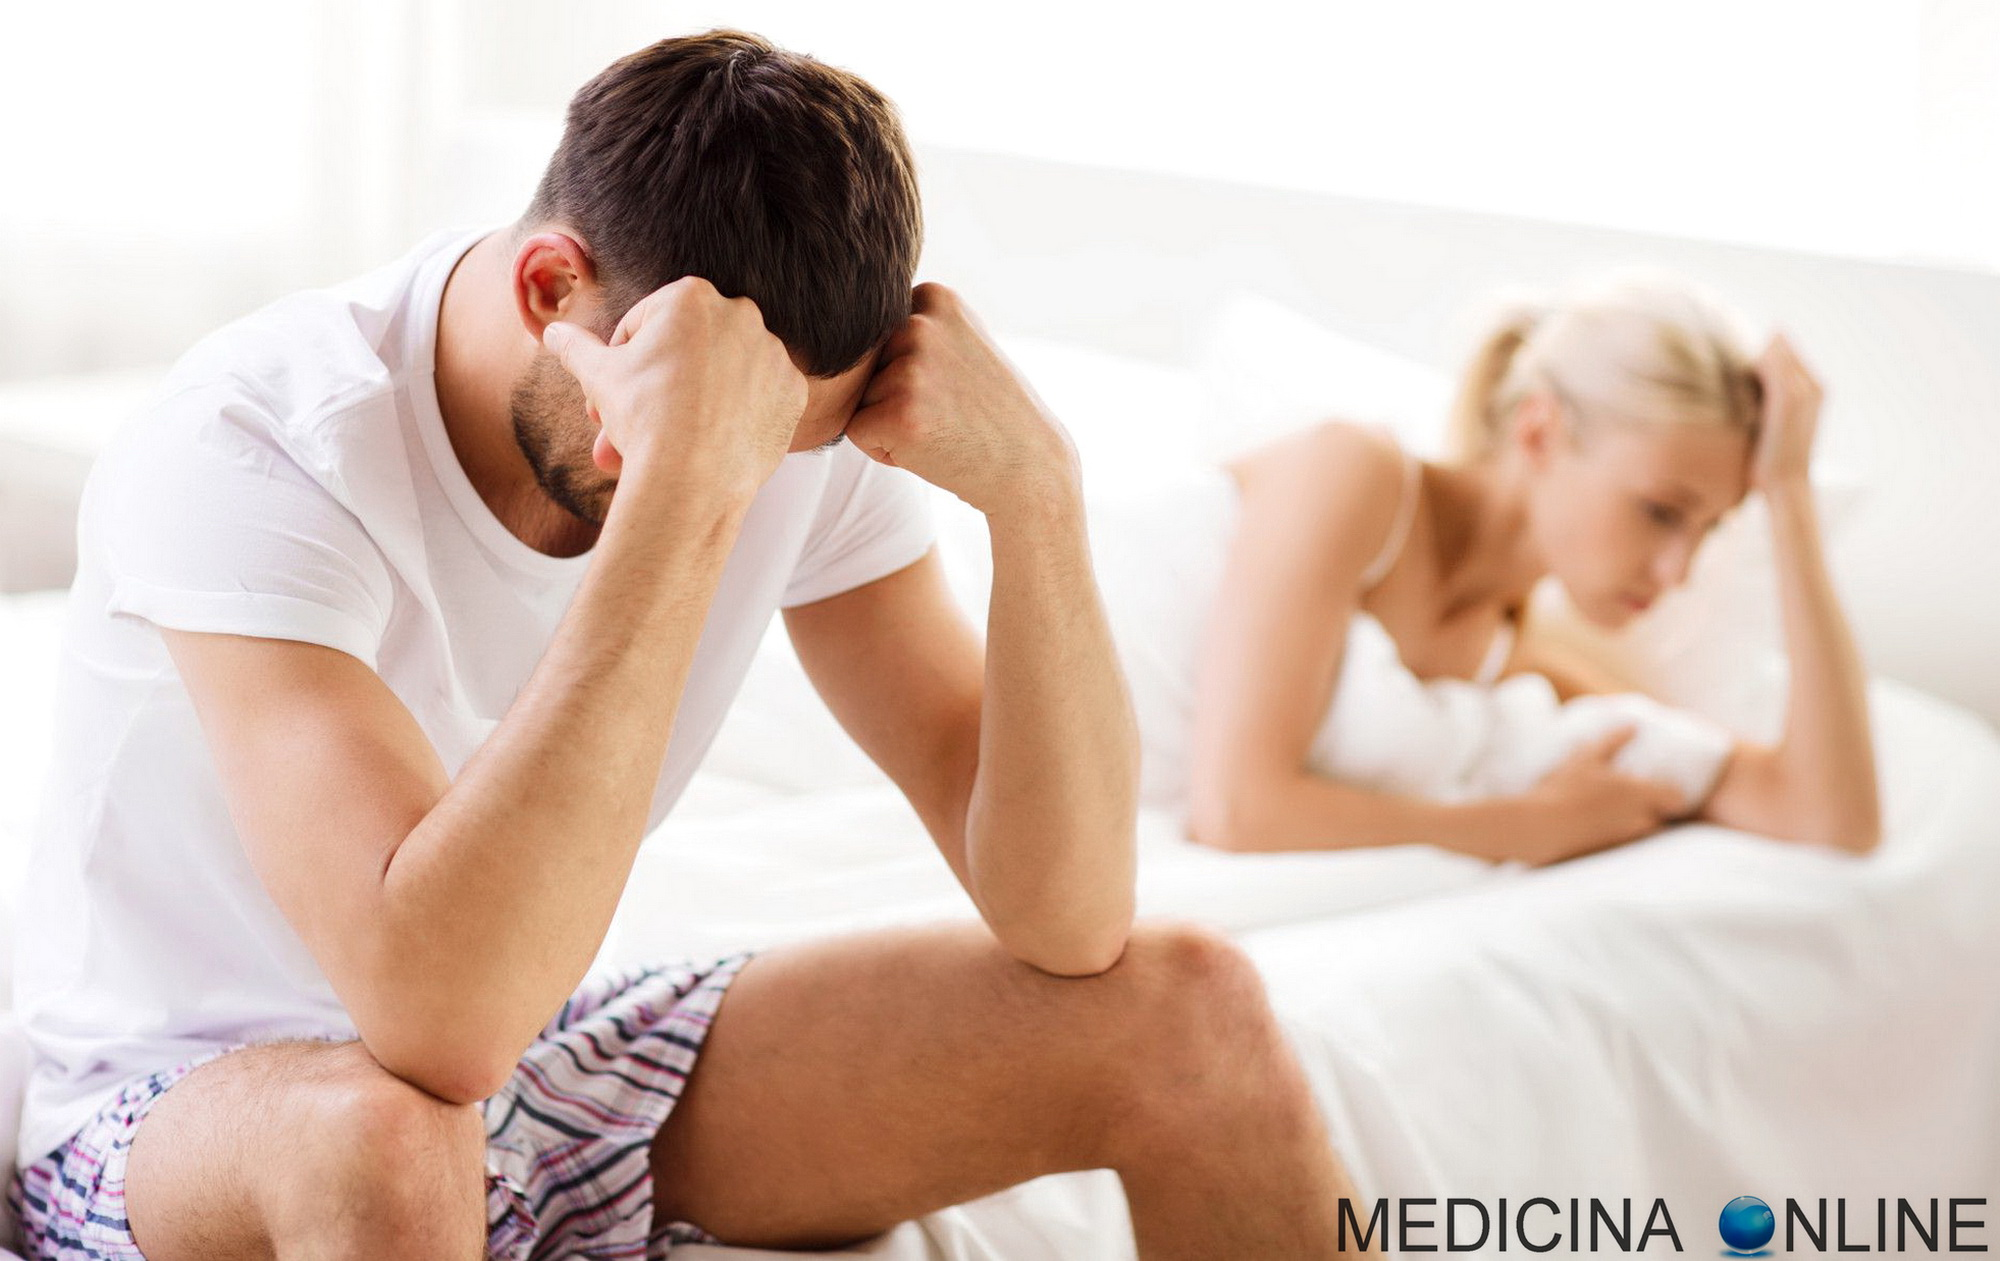 quanto tempo dovresti aspettare il sesso dopo la biopsia prostatica